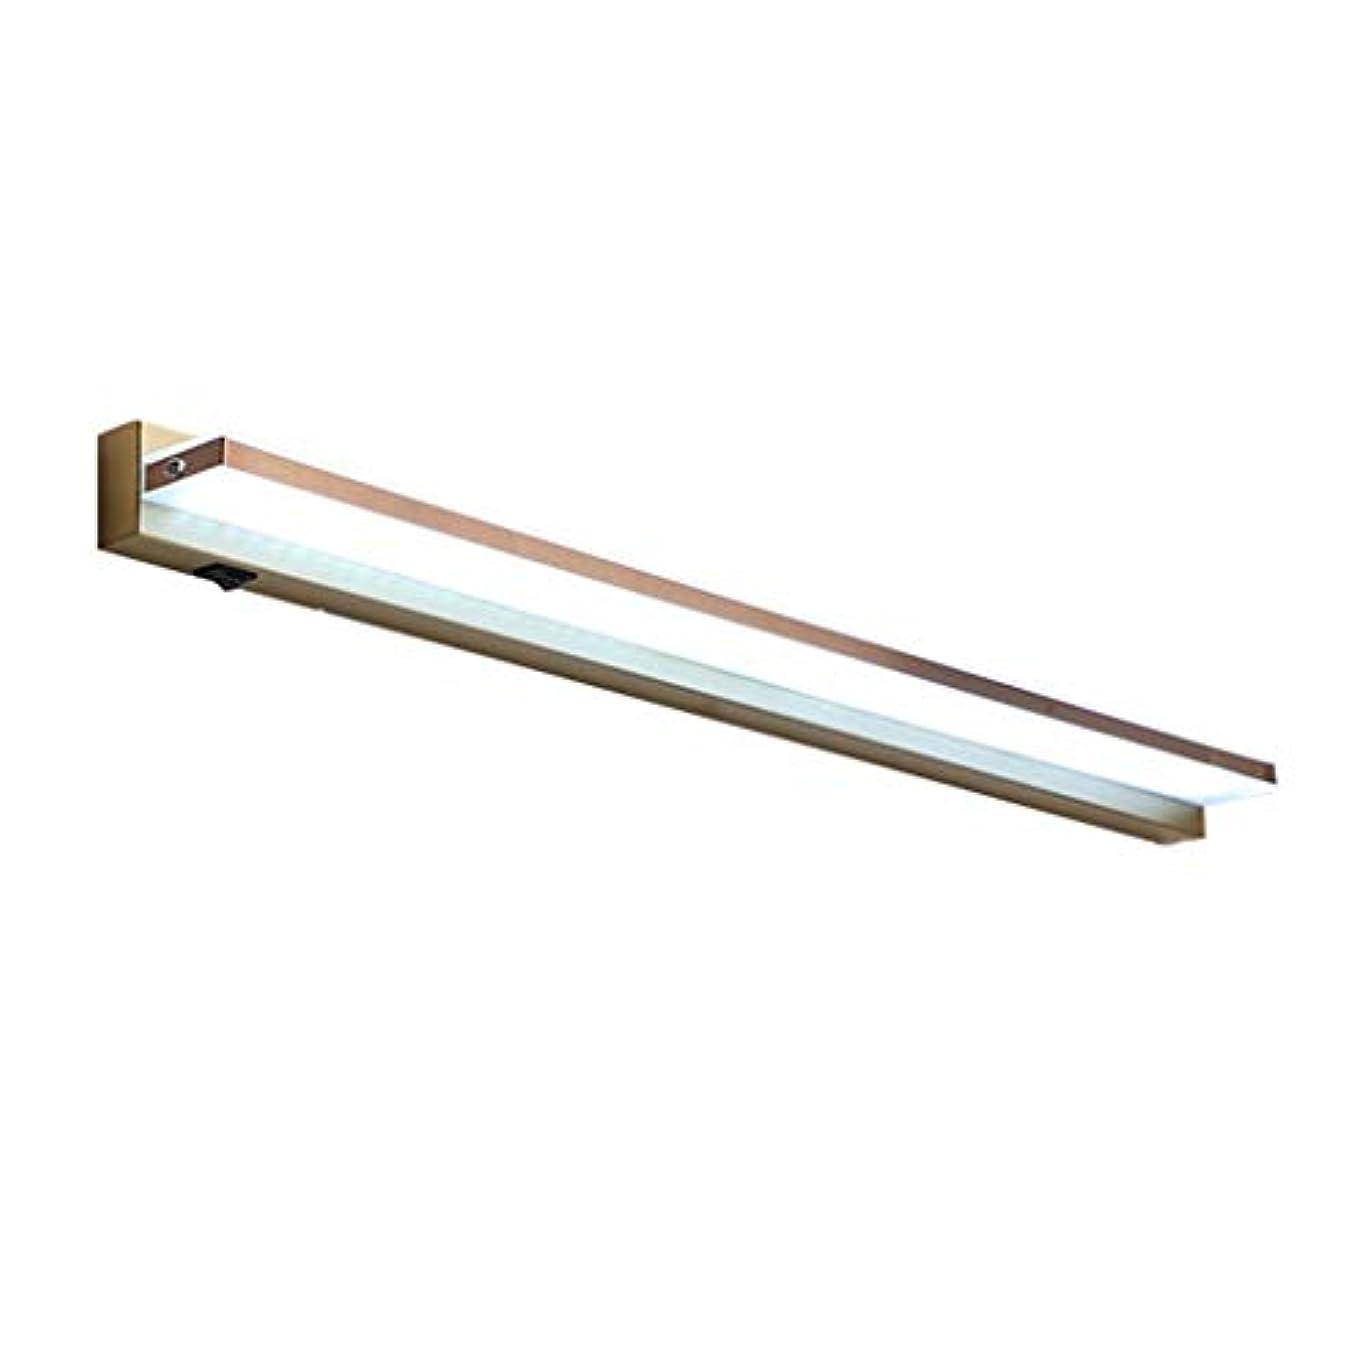 フィドルお金ゴム囲い鏡ミラーライト Ledミラーヘッドライト、浴室キャビネットミラーキャビネットランプレトロミラーライト防水防曇防湿メイクアップミラーランプ [エネルギークラスA ++] (Color : White light, Size : 500mm/8w)